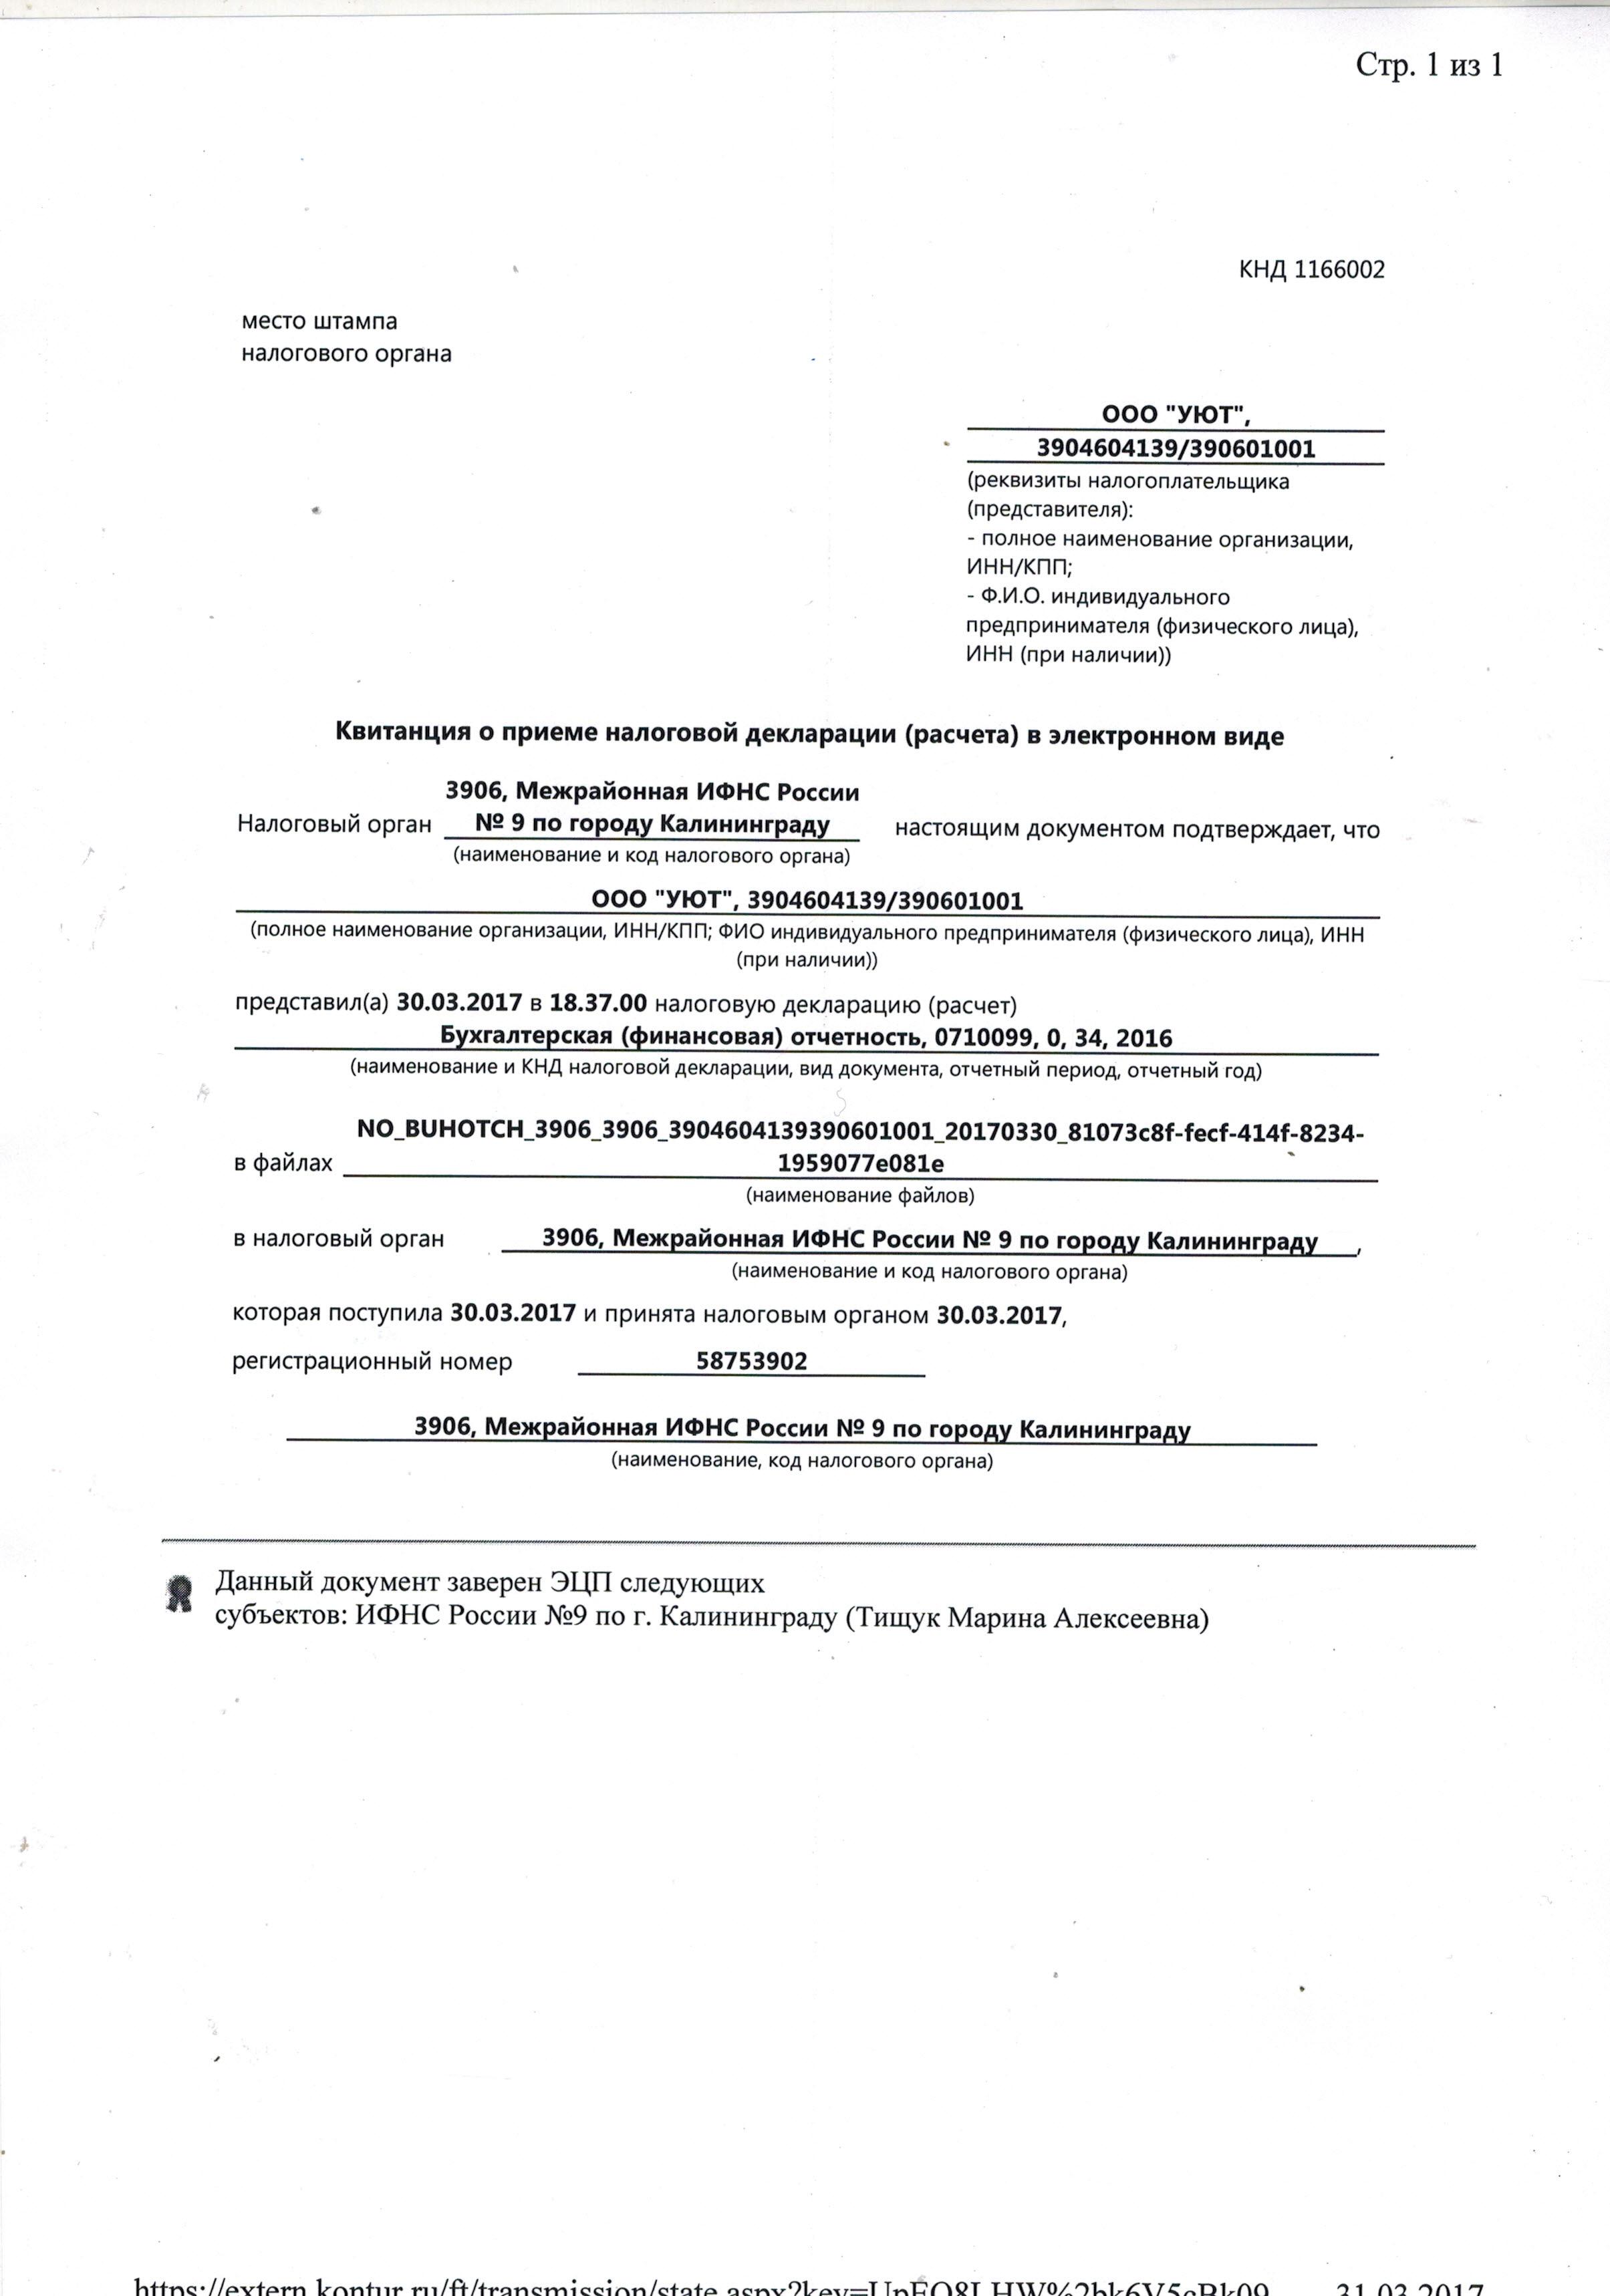 Квитанция о приеме бухгалтерской отчетности в электронном виде форма свидетельство о государственной регистрации ип шаблон